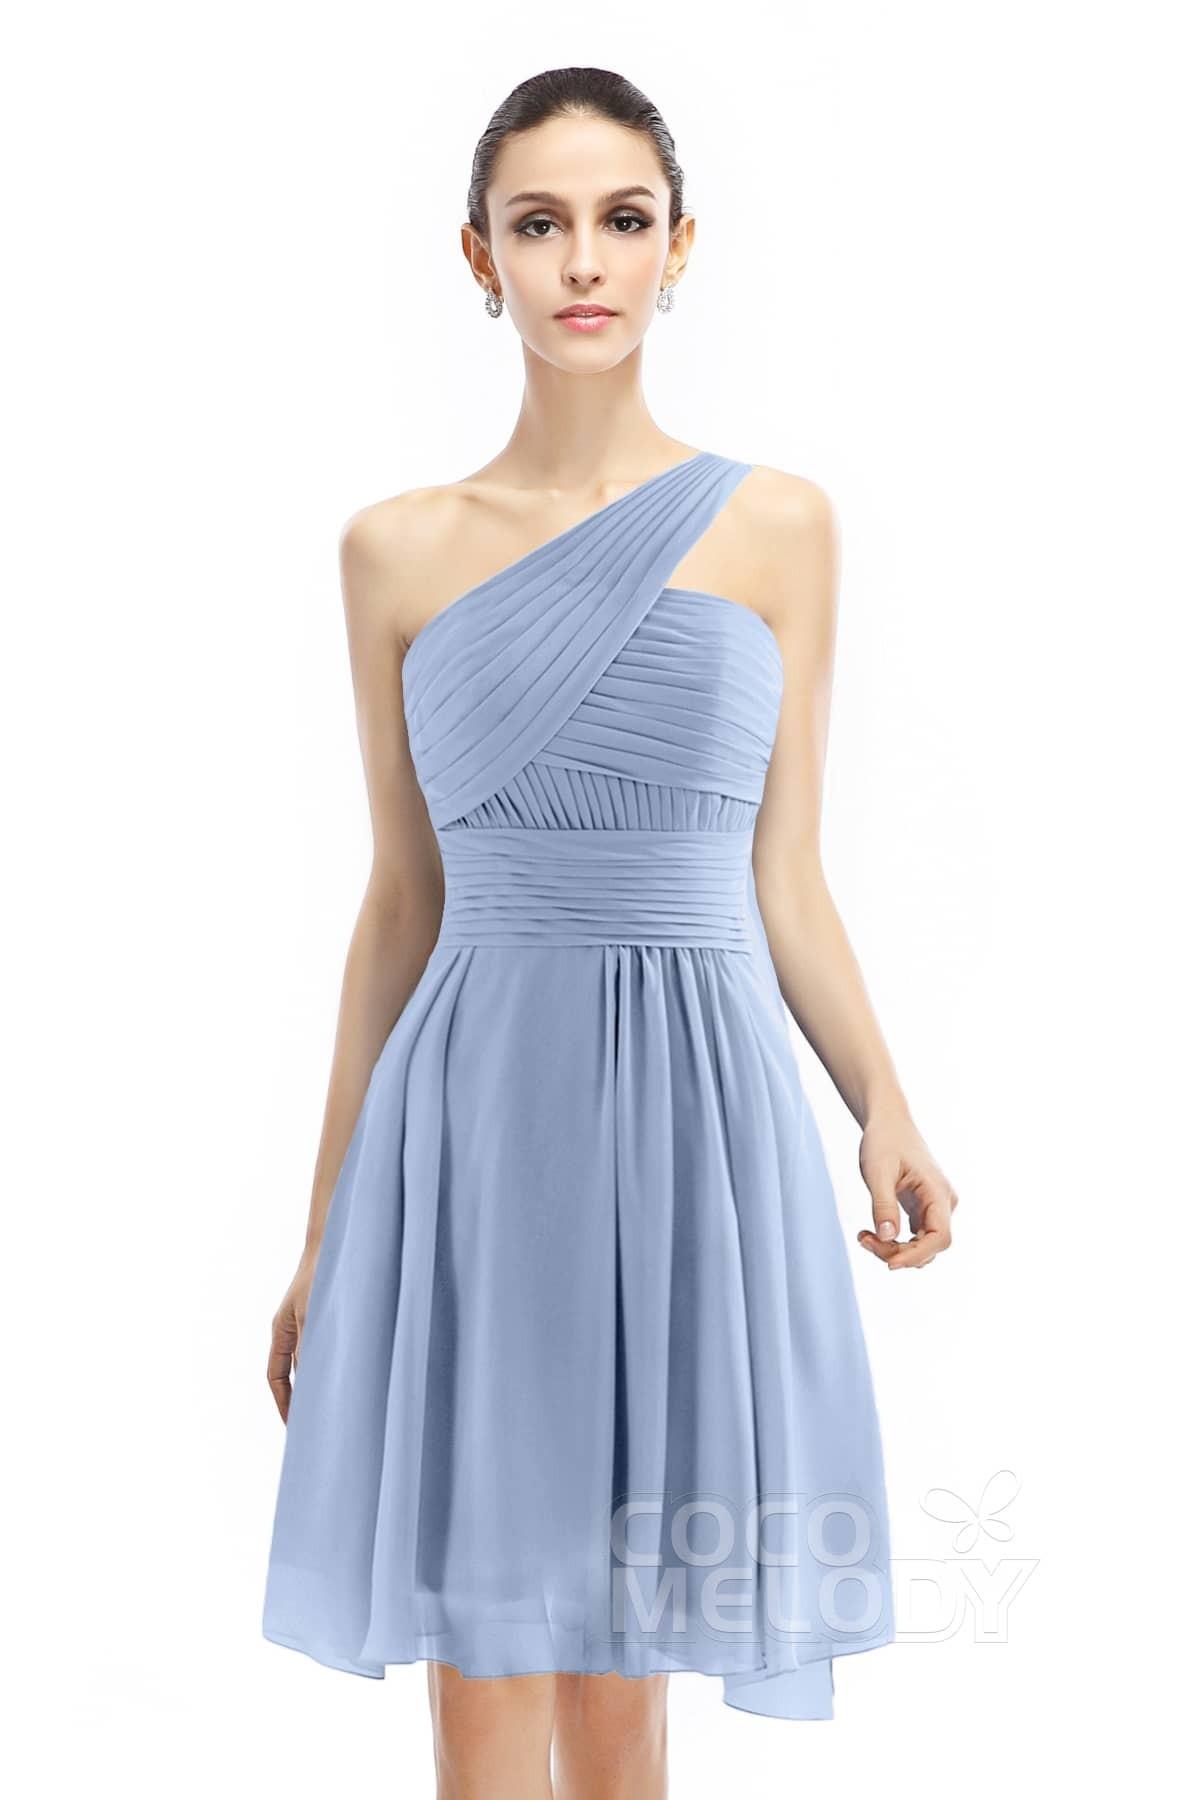 0eec4608791 A-Line Knee Length Chiffon Bridesmaid Dress COZK1401C